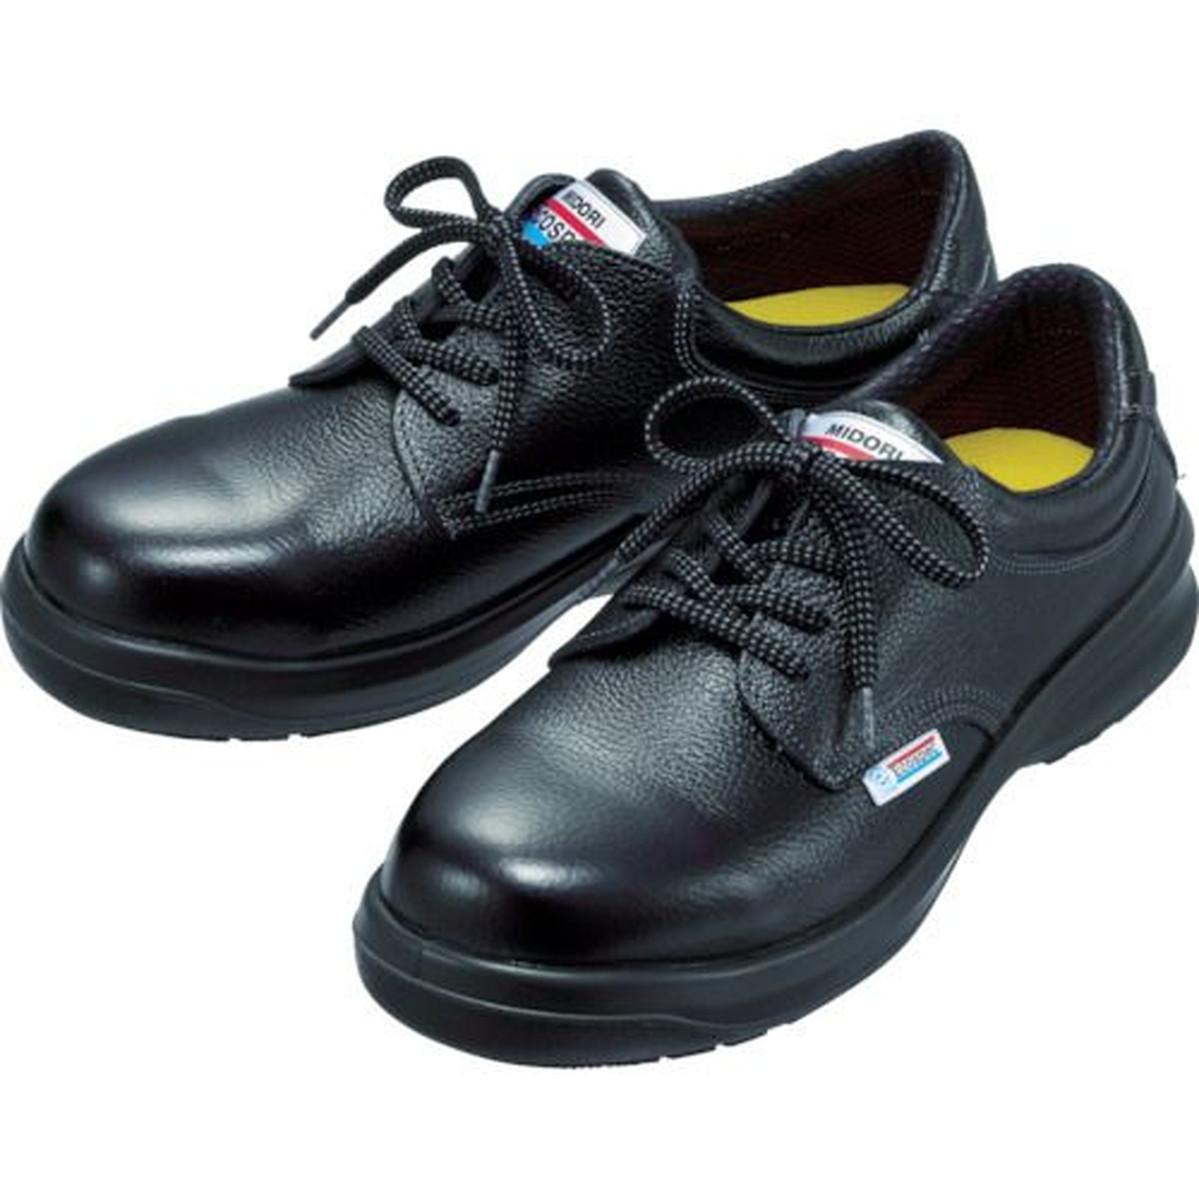 あす楽対応 DIY用品 商品追加値下げ在庫復活 ミドリ安全 エコマーク認定 1足 蔵 静電高機能安全靴 ESG3210eco 25.5CM